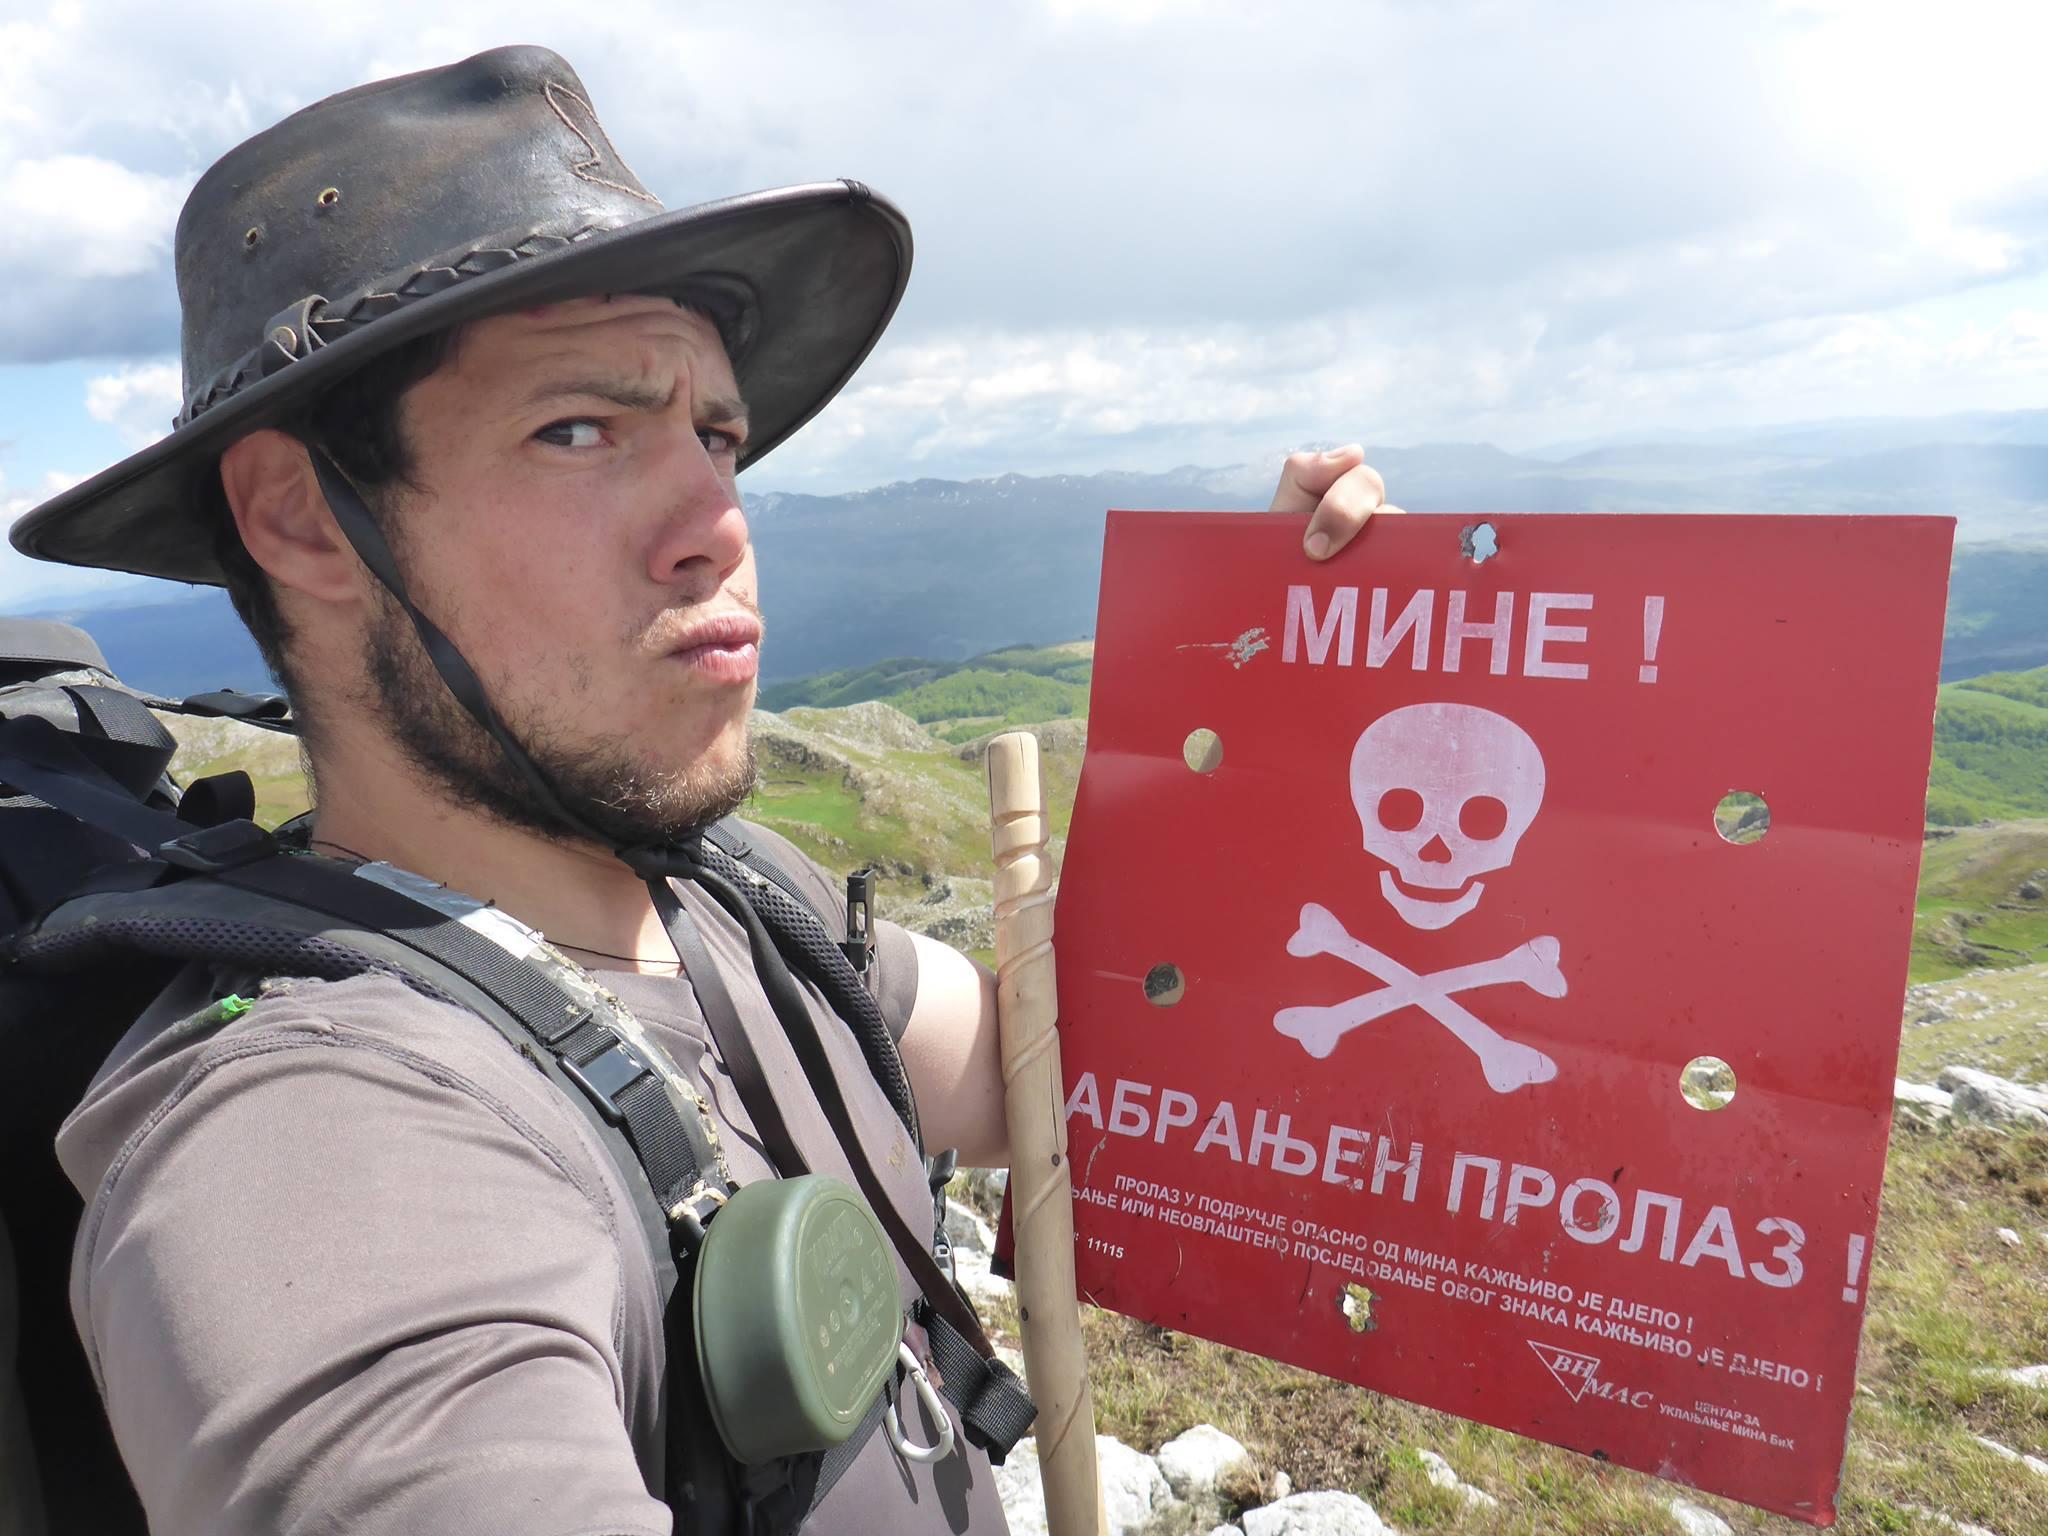 Un autre danger sont les mines anti-personnel de la dernière guerre dont il en reste encore un faible pourcentage dispersé dans le pays